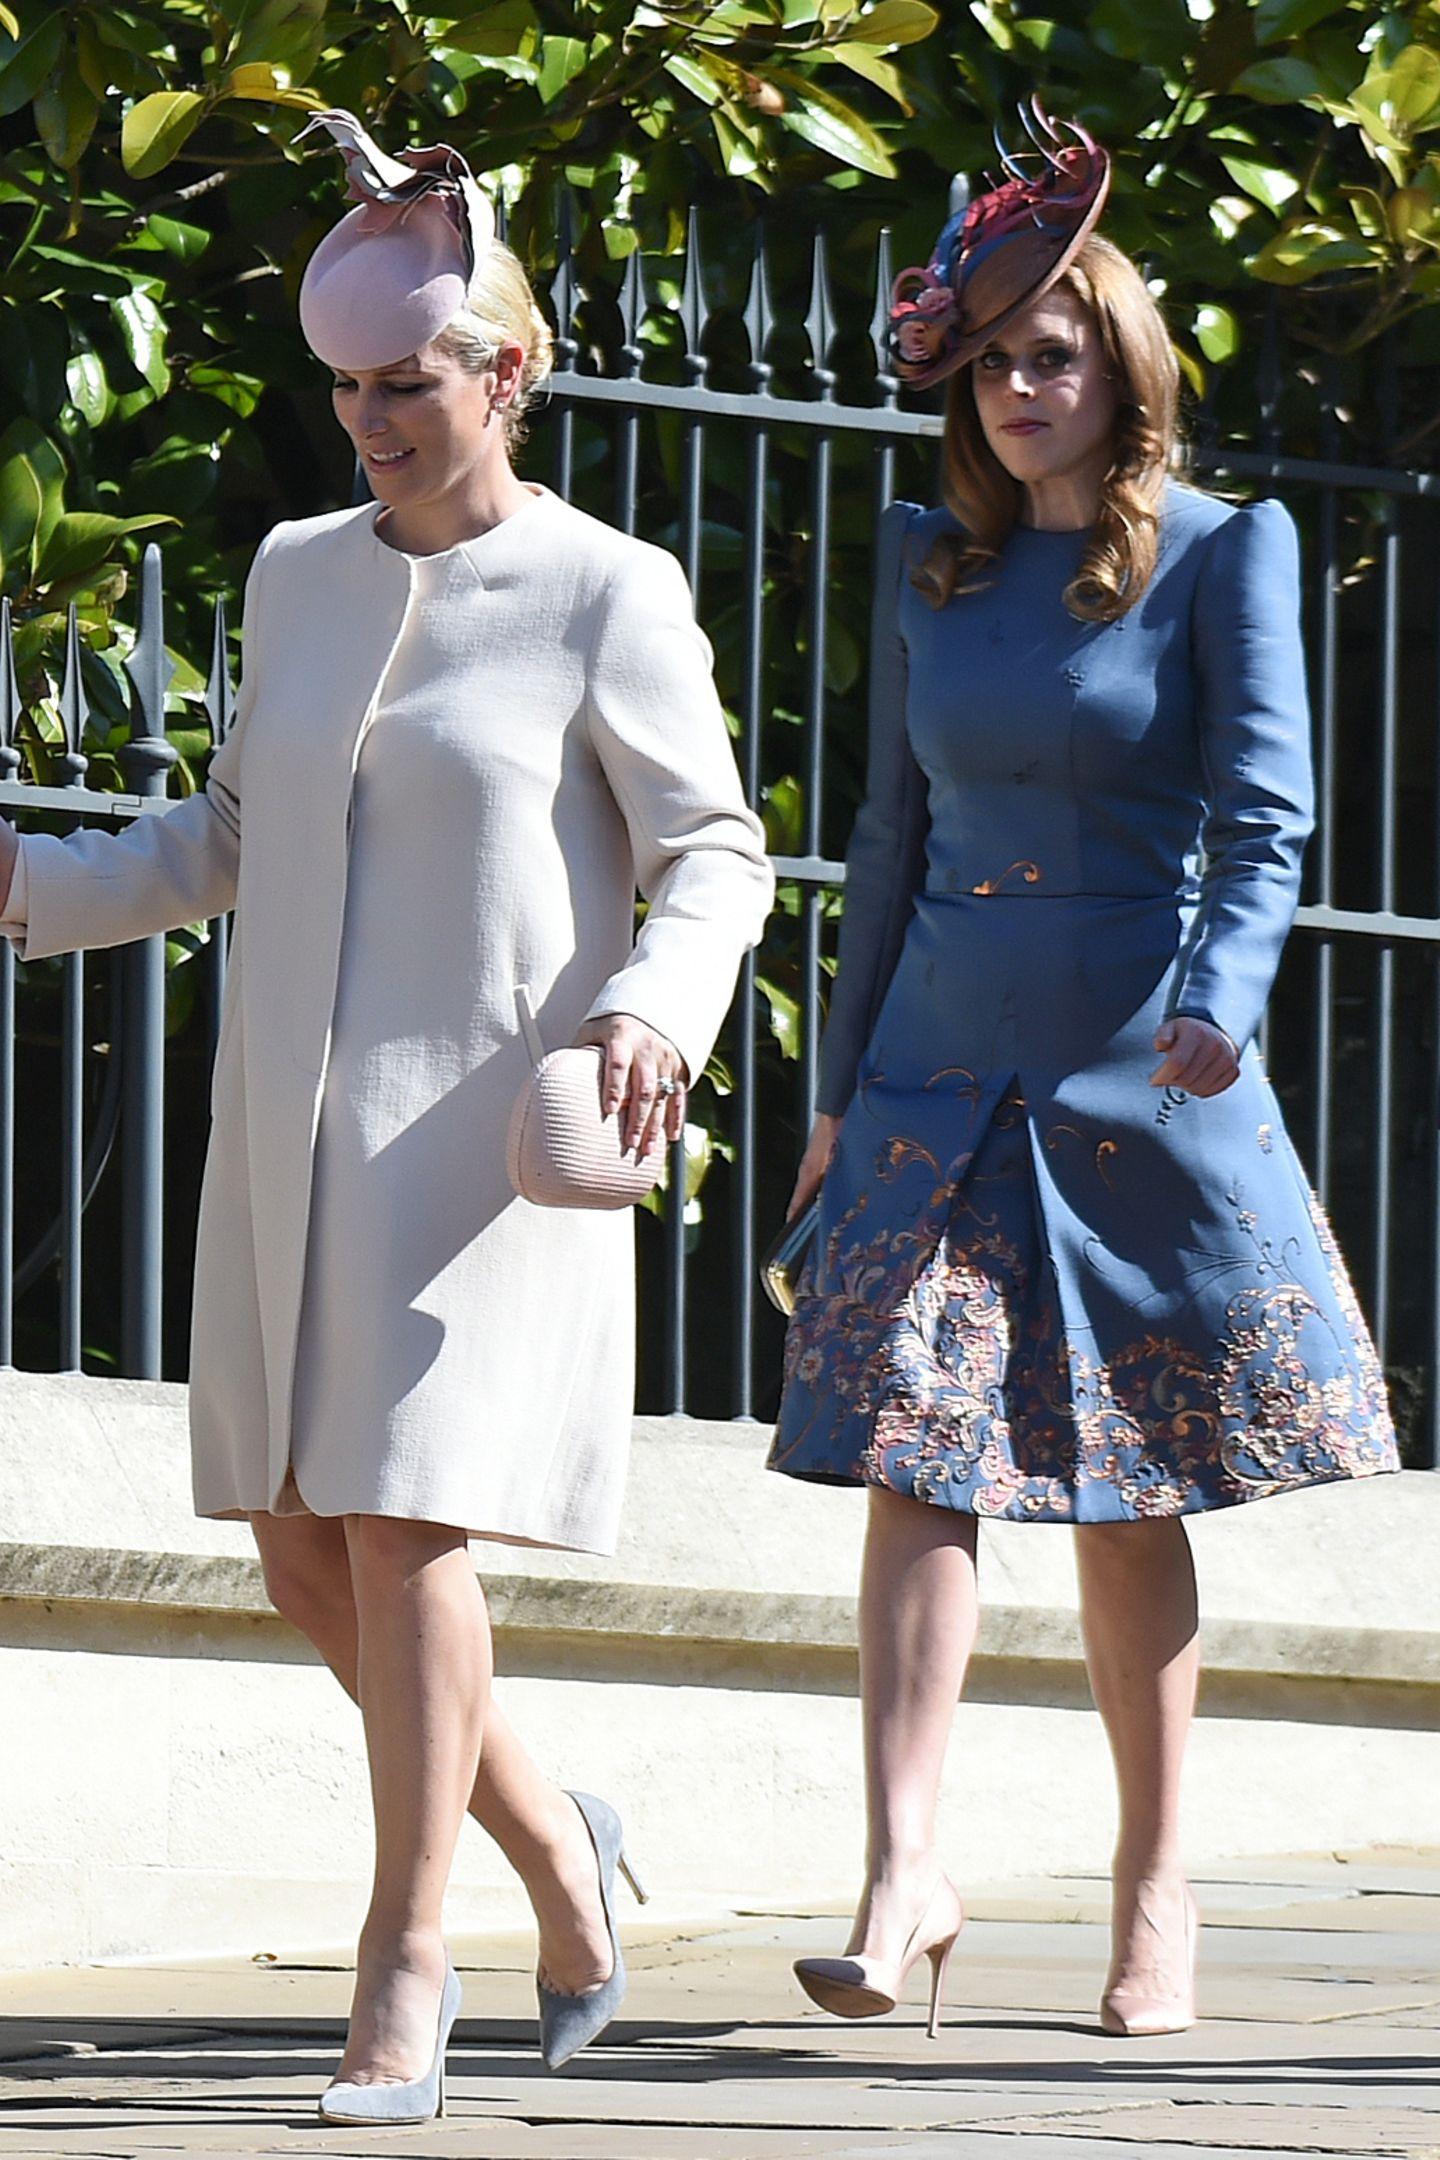 Gemeinsam mit der Queen besuchen Zara Tindall und Prinzessin Beatrice den Gottesdienst am Ostersonntag. Ein Anlass, zu dem sich die beiden in ihreschönsten Frühlings-Looks werfen. Prinzessin Beatrice hüllt sich in ein blaues Dress mit einem ausgestelltenRock in einem schönen Blau mit floralem Muster ...